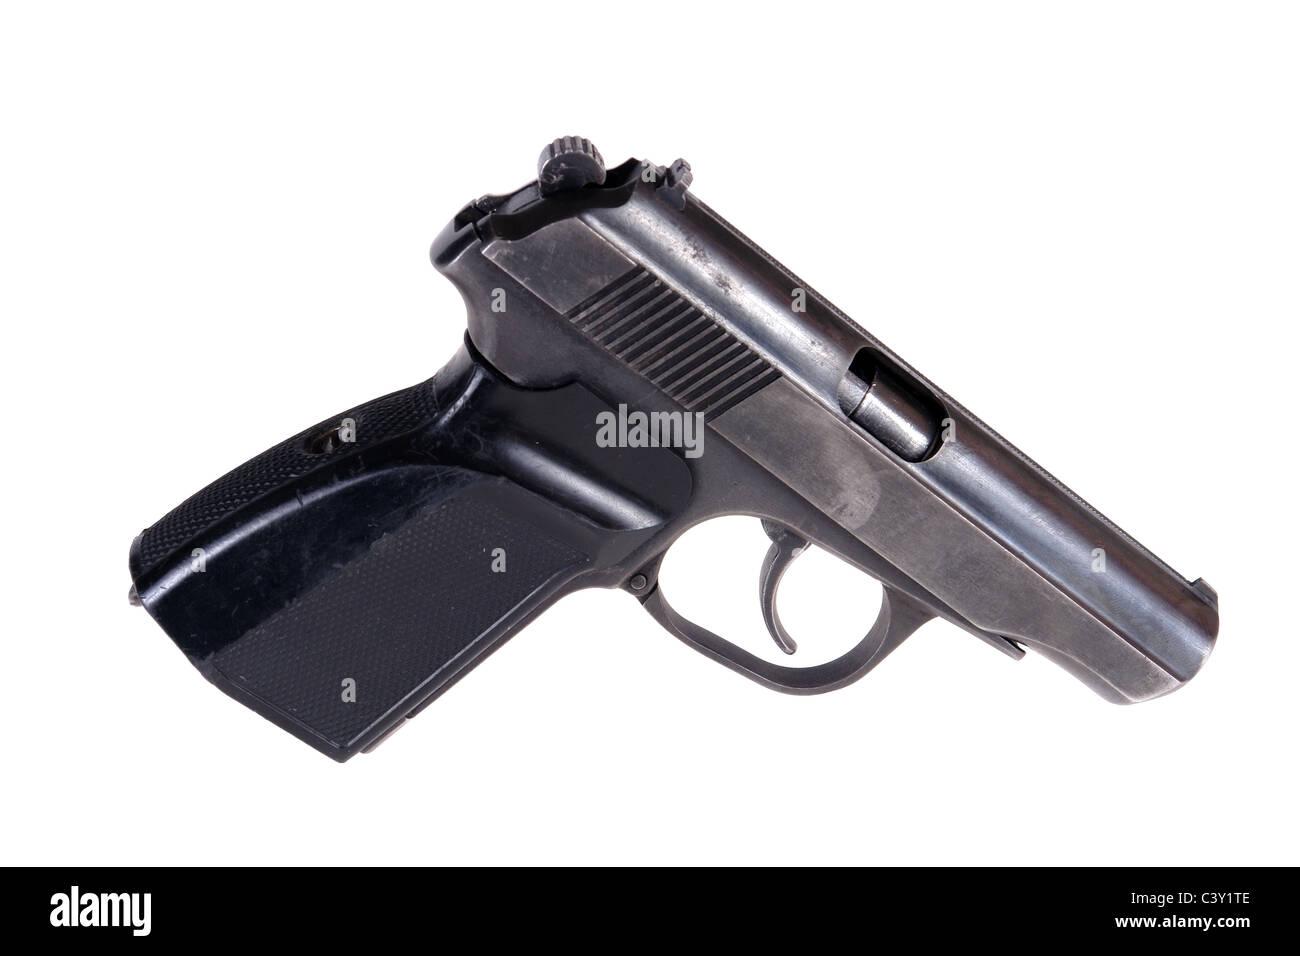 pistol isolated on white background - Stock Image